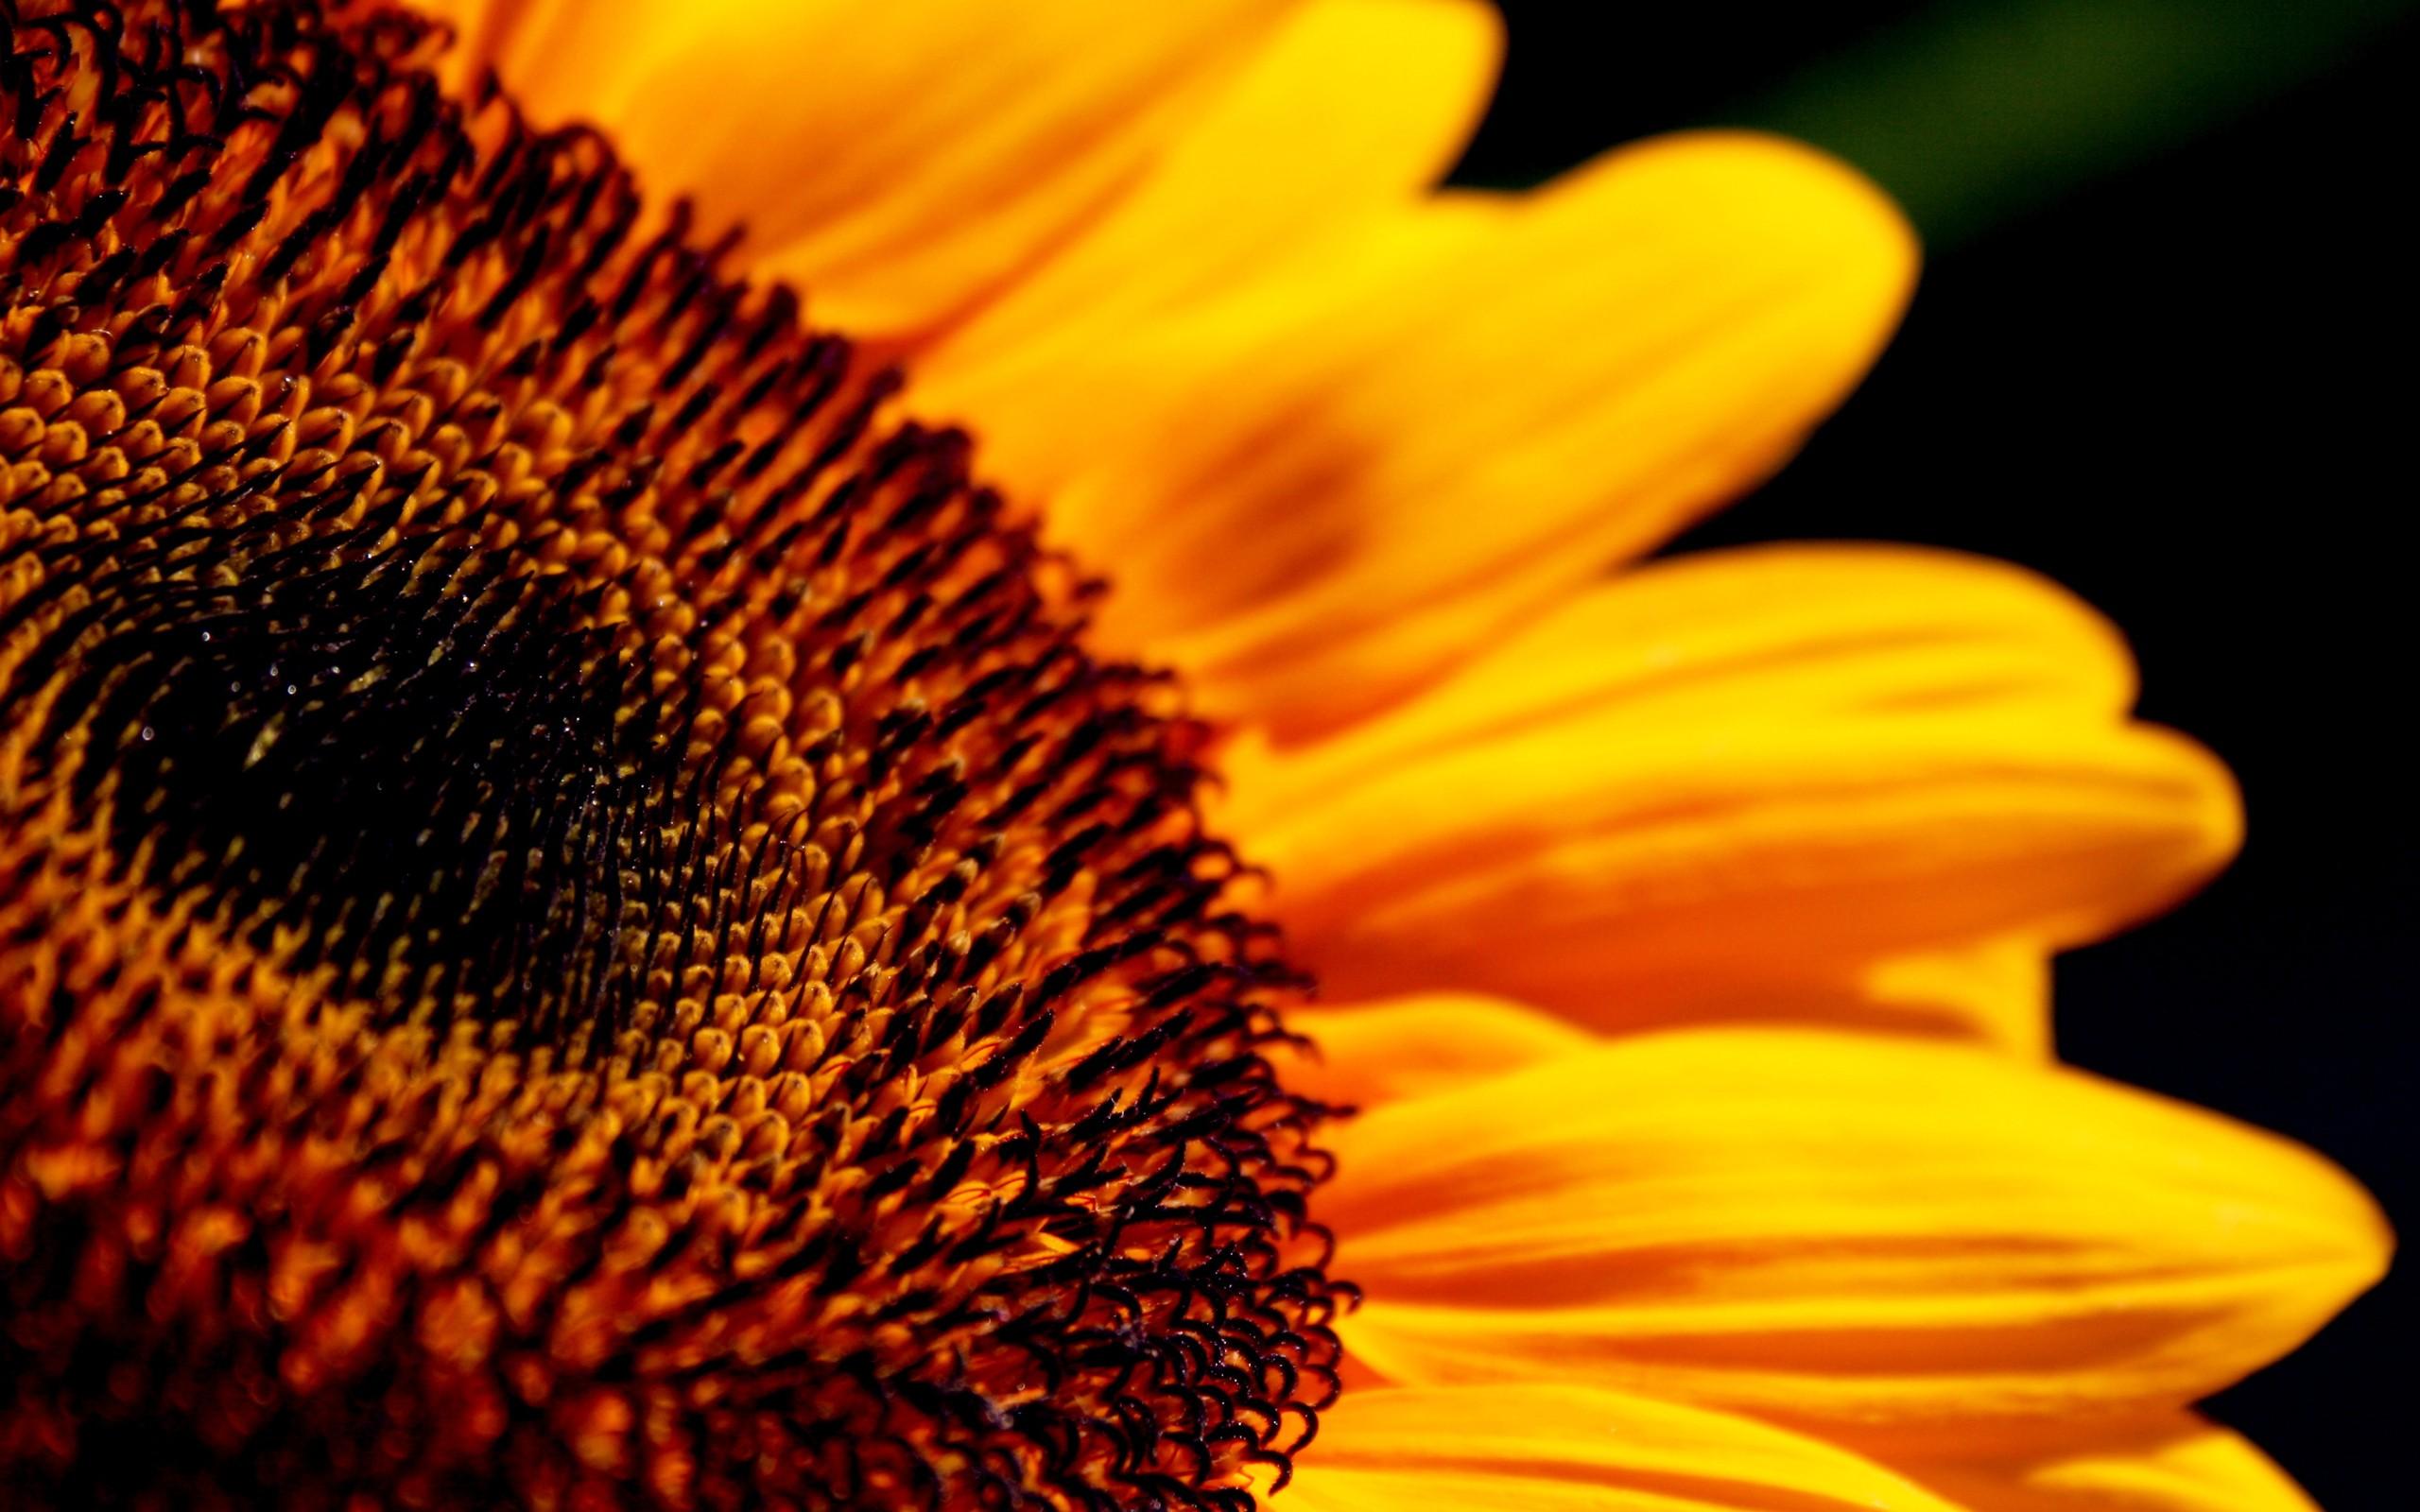 Sunflower Archives - HDWallSource.com